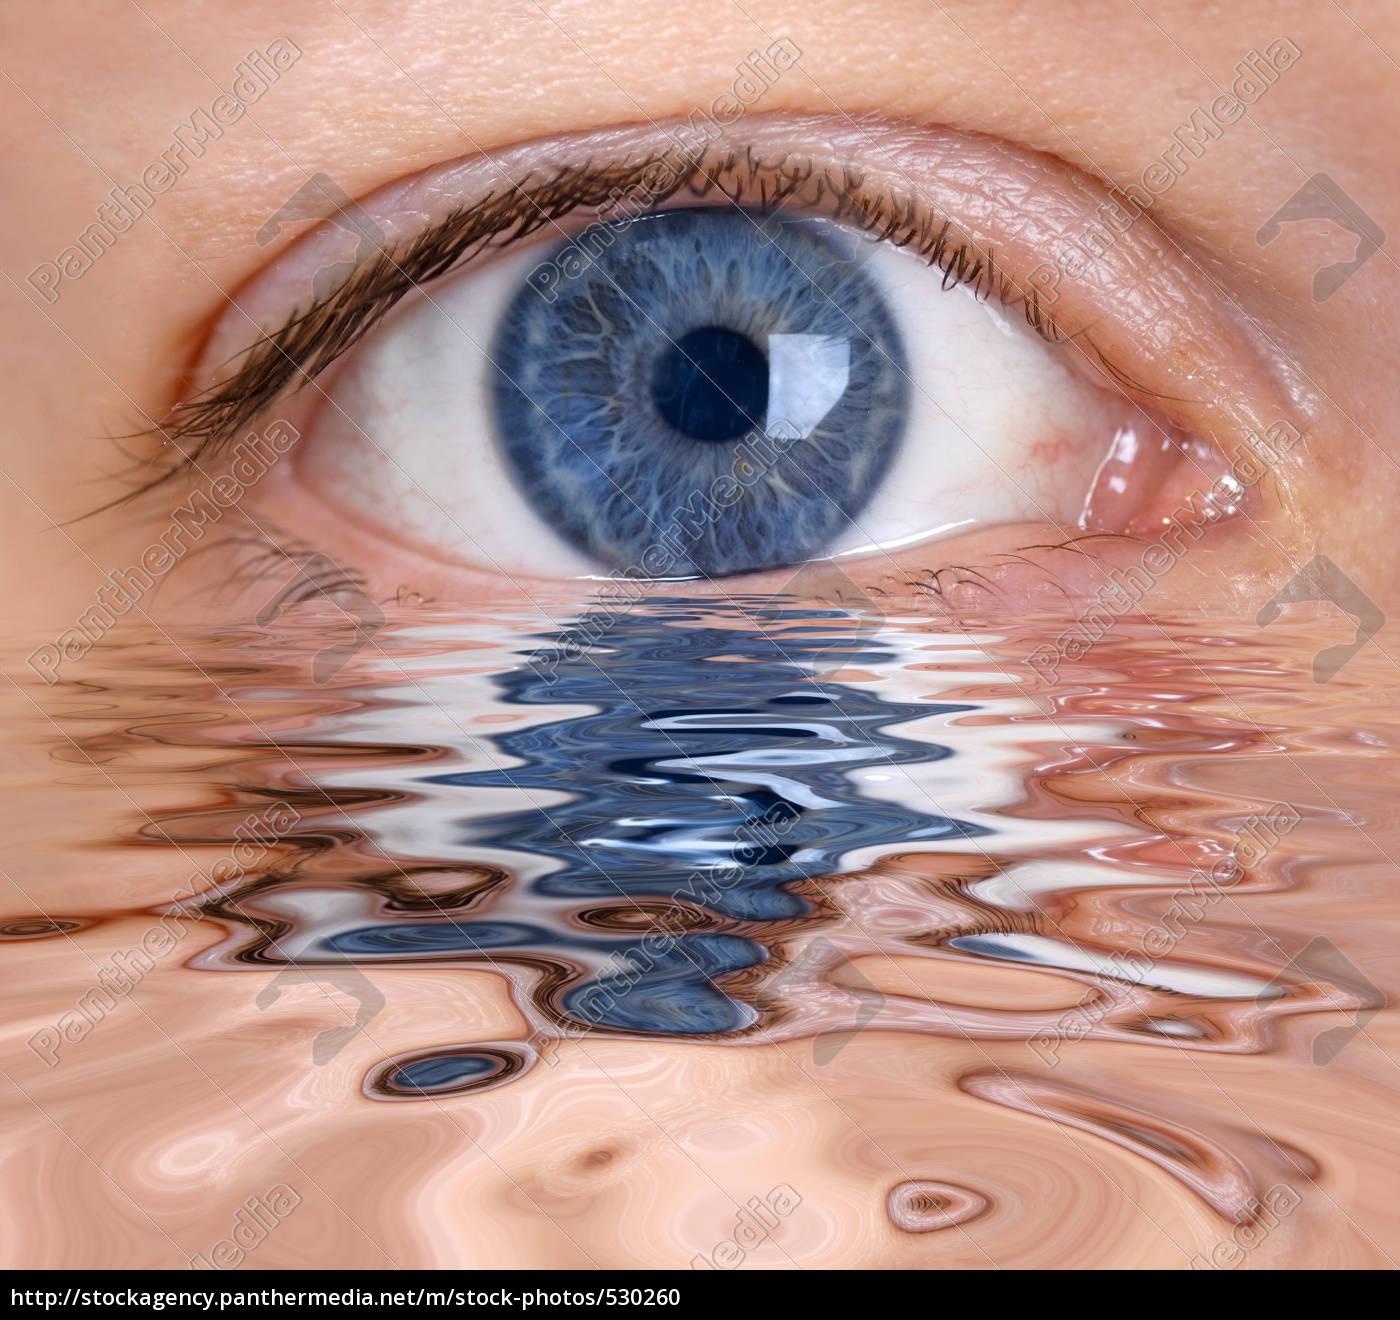 eye, reflected, in, water - 530260